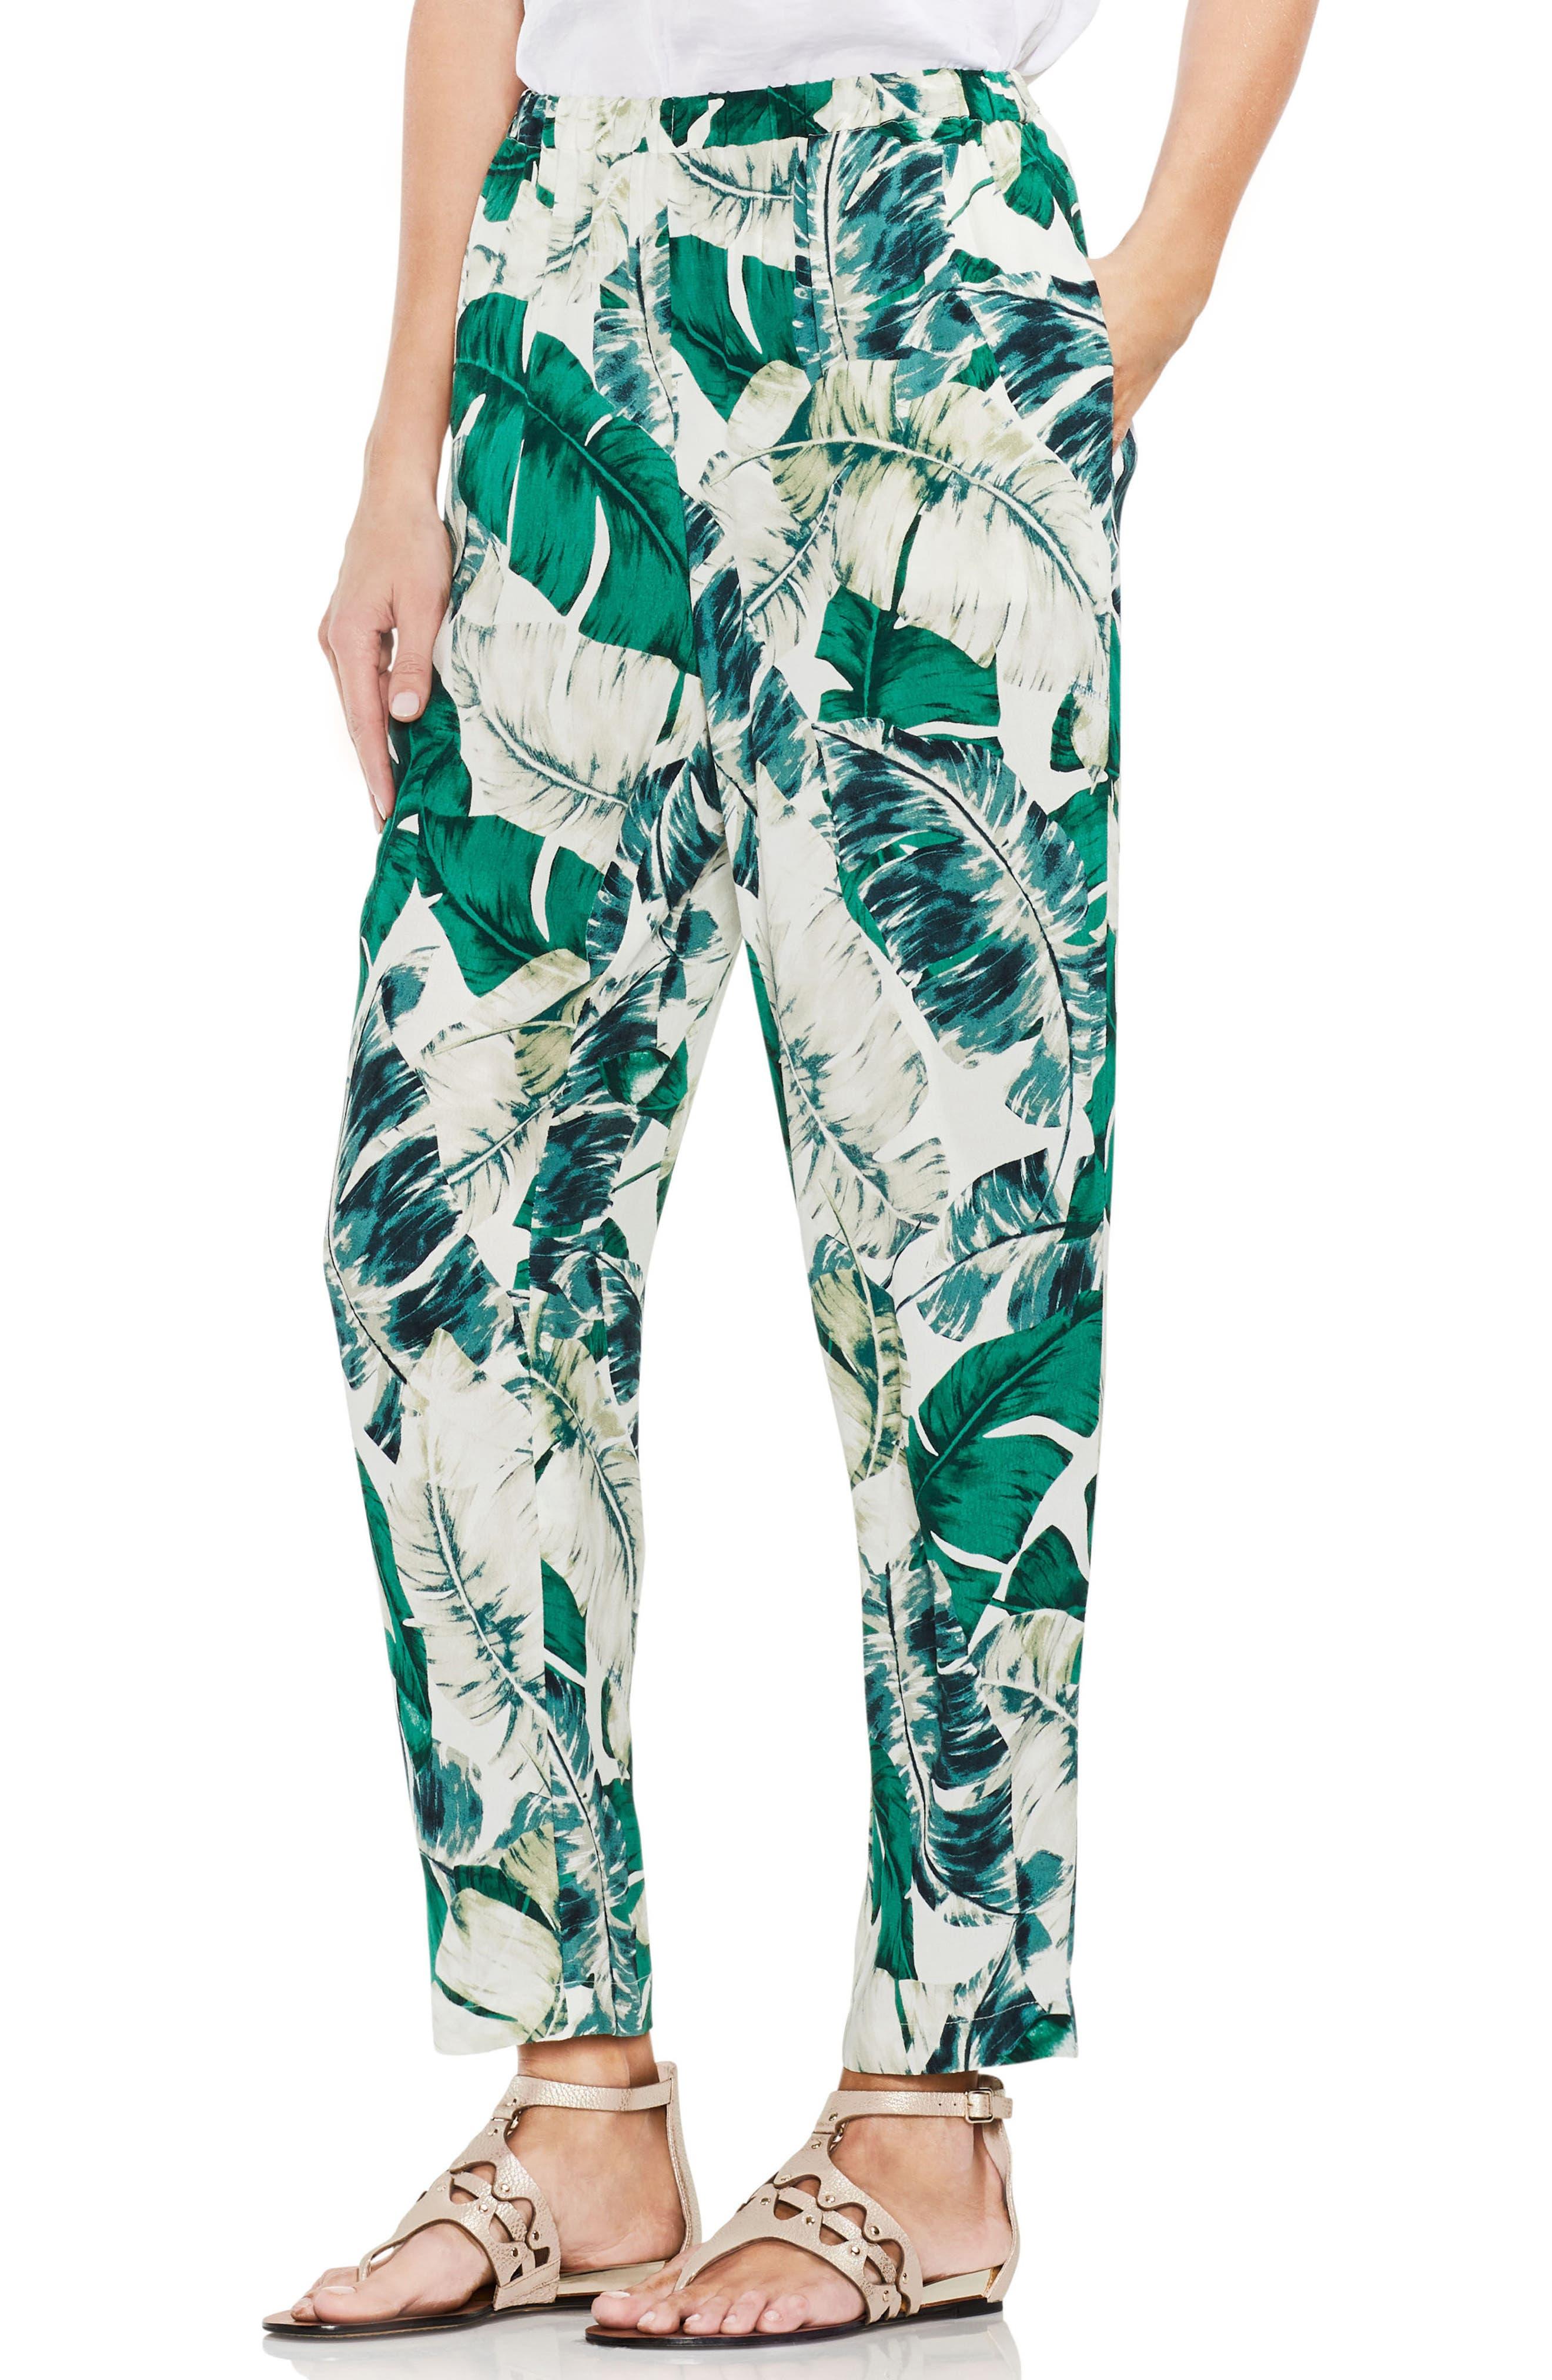 VINCE CAMUTO Jungle Palm Print Slim Leg Pants, Main, color, 103